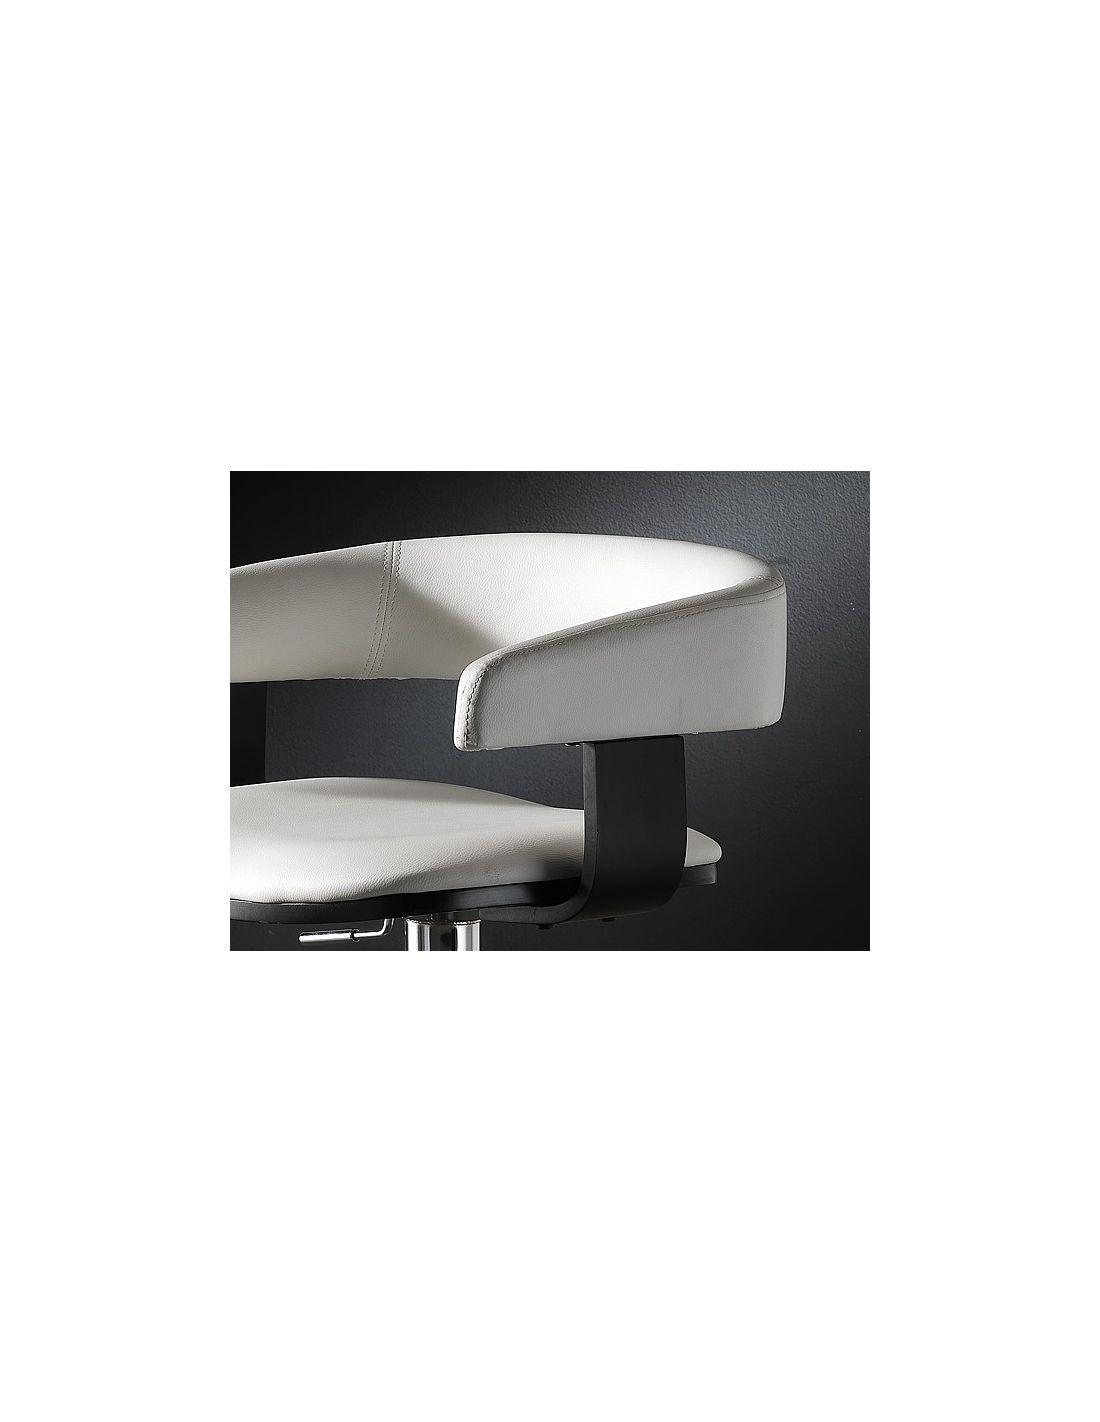 sgabello cucina moderno ~ sgabello cucina valma design moderno in ecopelle bianca